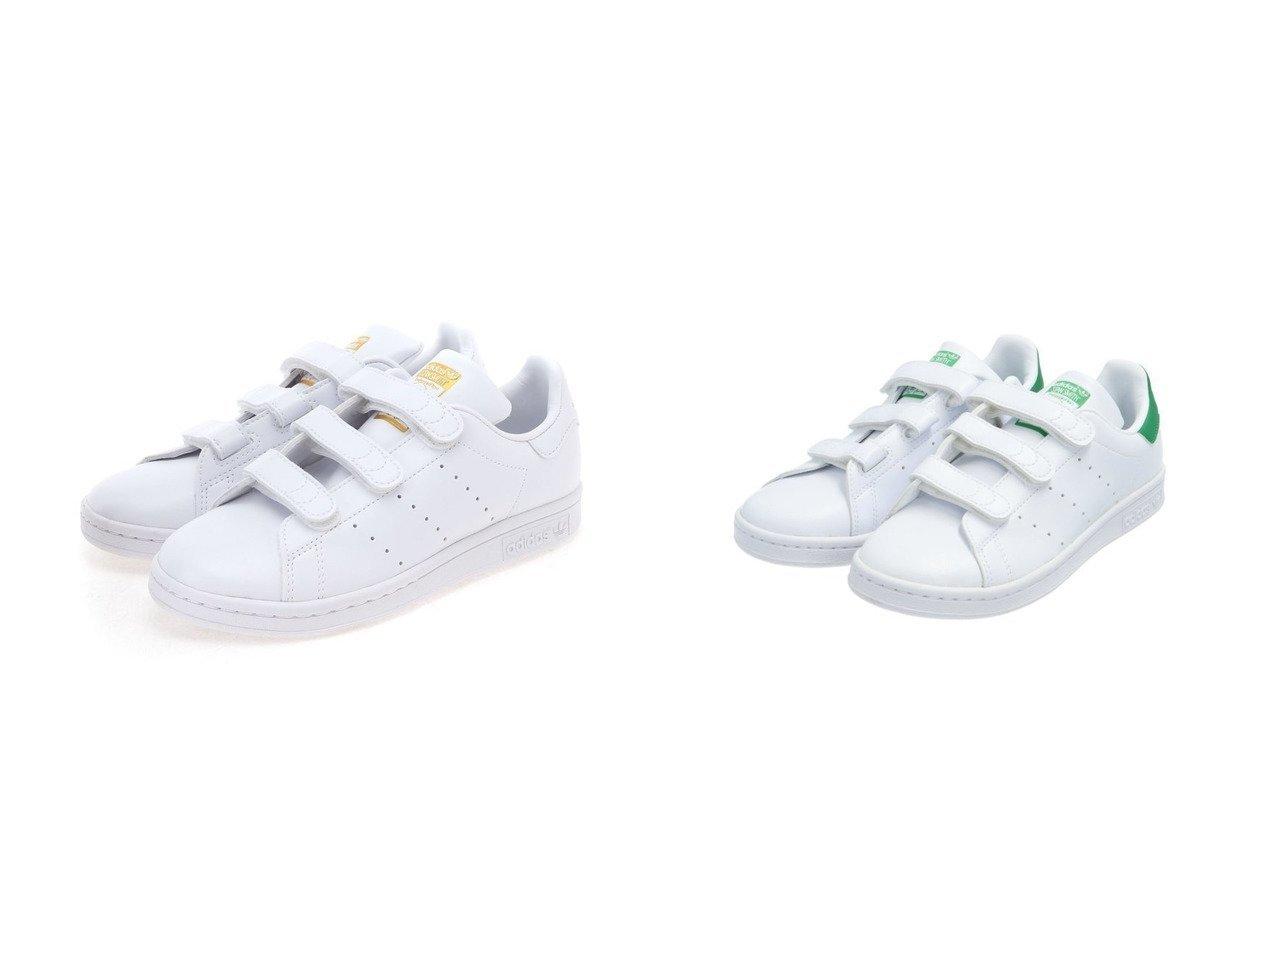 【adidas Originals/アディダス オリジナルス】のスタンスミス STAN SMITH アディダスオリジナルス FX5508 FX5509 【シューズ・靴】おすすめ!人気、トレンド・レディースファッションの通販  おすすめで人気の流行・トレンド、ファッションの通販商品 メンズファッション・キッズファッション・インテリア・家具・レディースファッション・服の通販 founy(ファニー) https://founy.com/ ファッション Fashion レディースファッション WOMEN シューズ スニーカー スポーツ スリッポン 定番 Standard フィット ミックス レギュラー レース 再入荷 Restock/Back in Stock/Re Arrival |ID:crp329100000026275